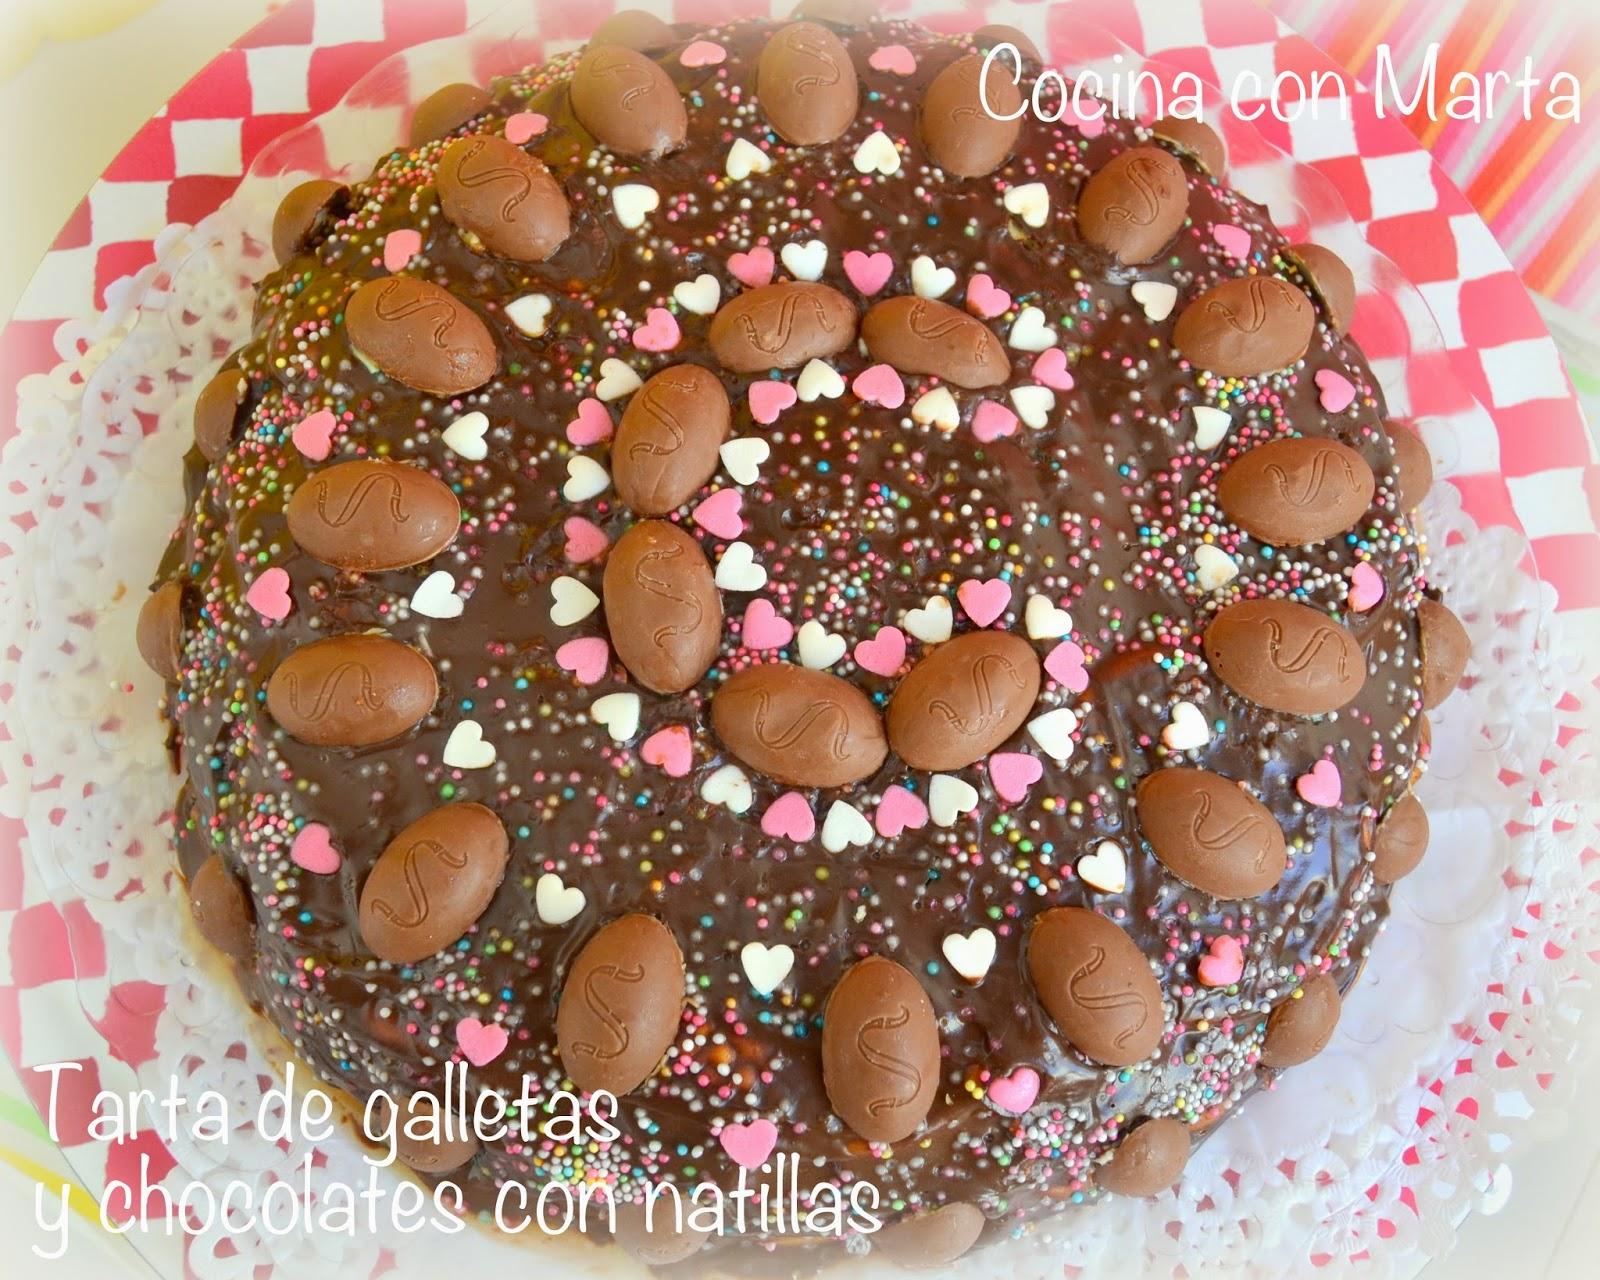 Tarta De Galletas Y Chocolate Con Natillas Cocinaconmartacom - Tartas-de-cumpleaos-sencillas-y-originales